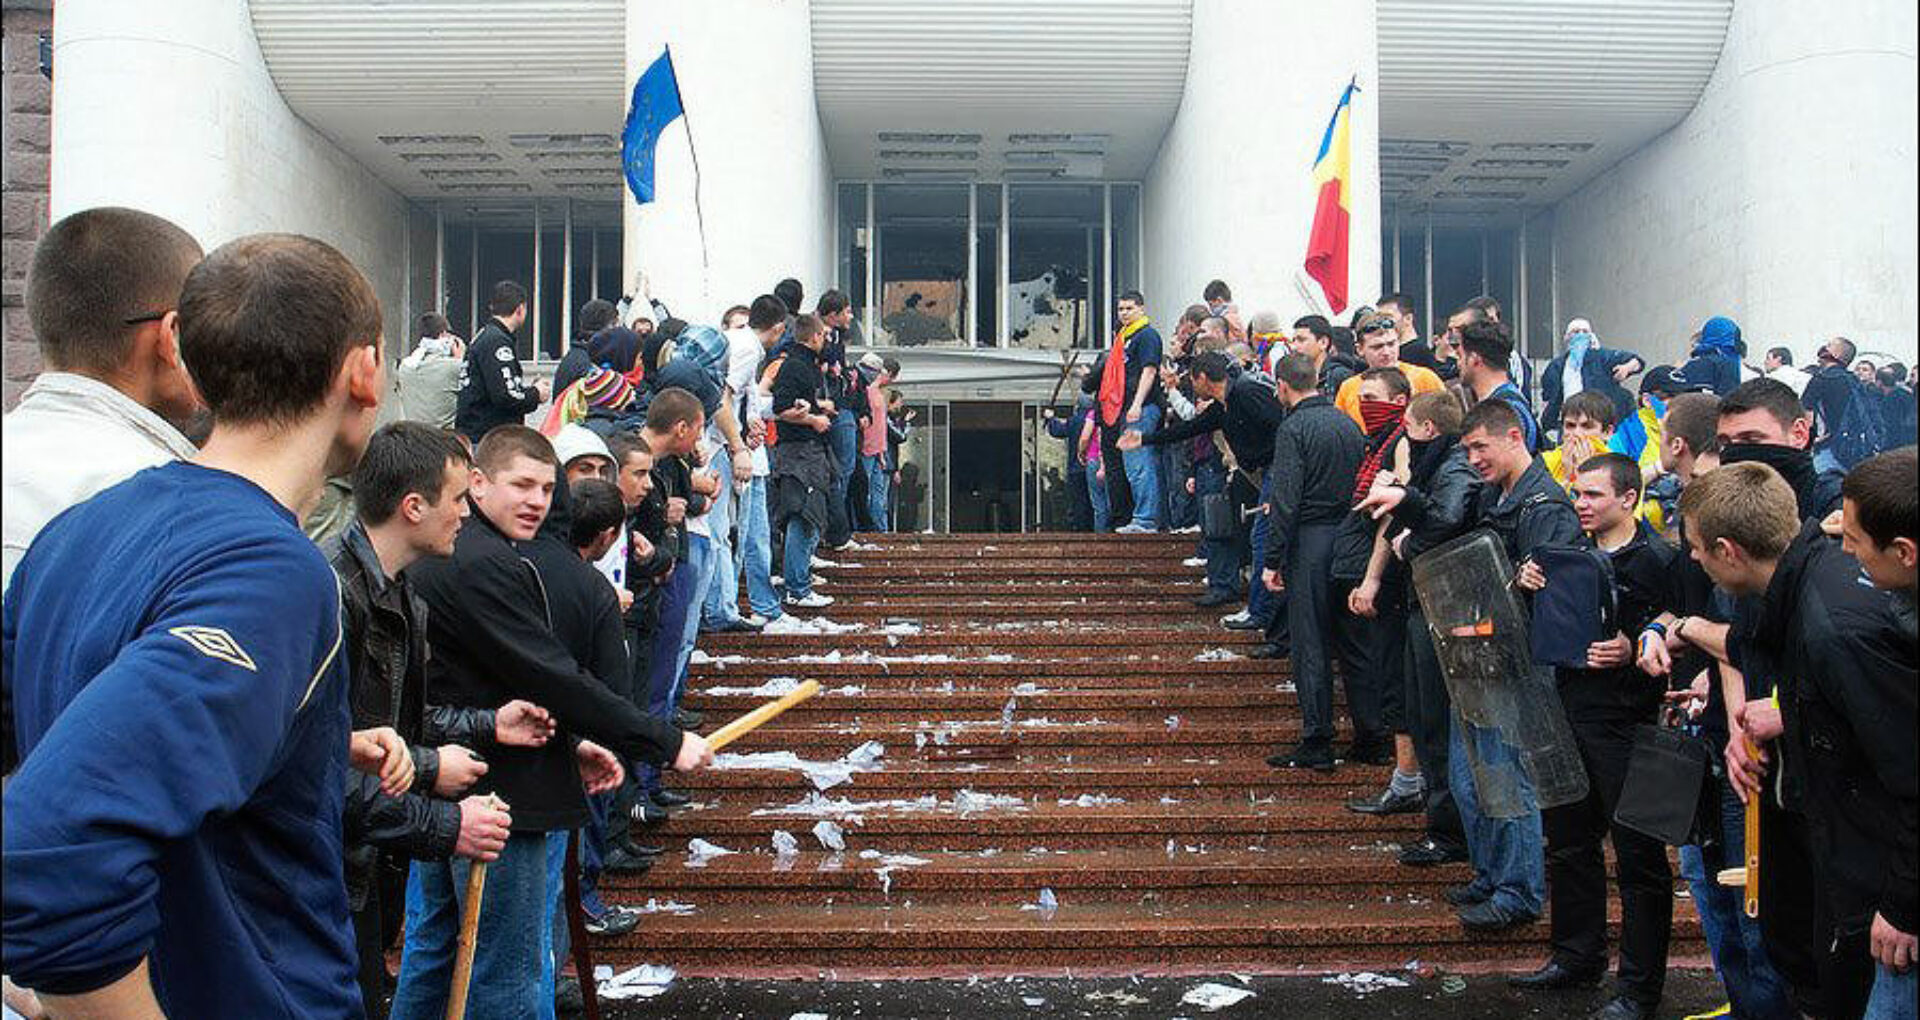 """Igor Dodon: """"Cum se simte Maia Sandu în clădirea distrusă de colegii ei politici pe 7 aprilie și reparată apoi cu greu? Până în 2009 în Moldova s-a trăit mai bine"""""""